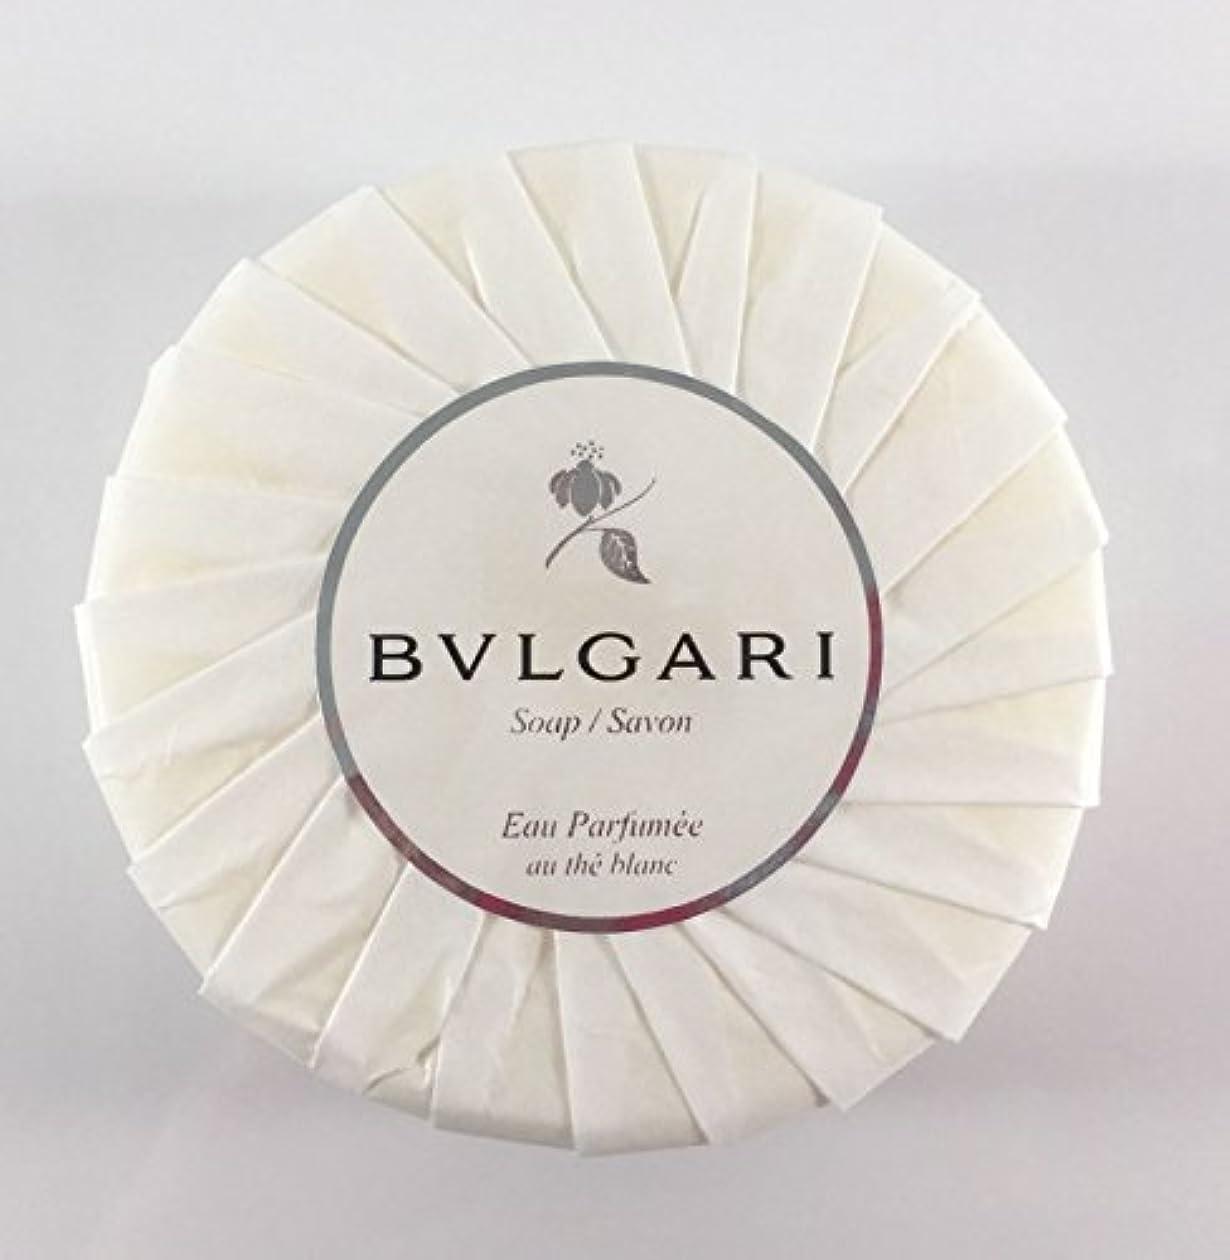 スローガン上級サポートブルガリ オ?パフメ オーテブラン デラックスソープ150g BVLGARI Bvlgari Eau Parfumee au the blanc White Soap